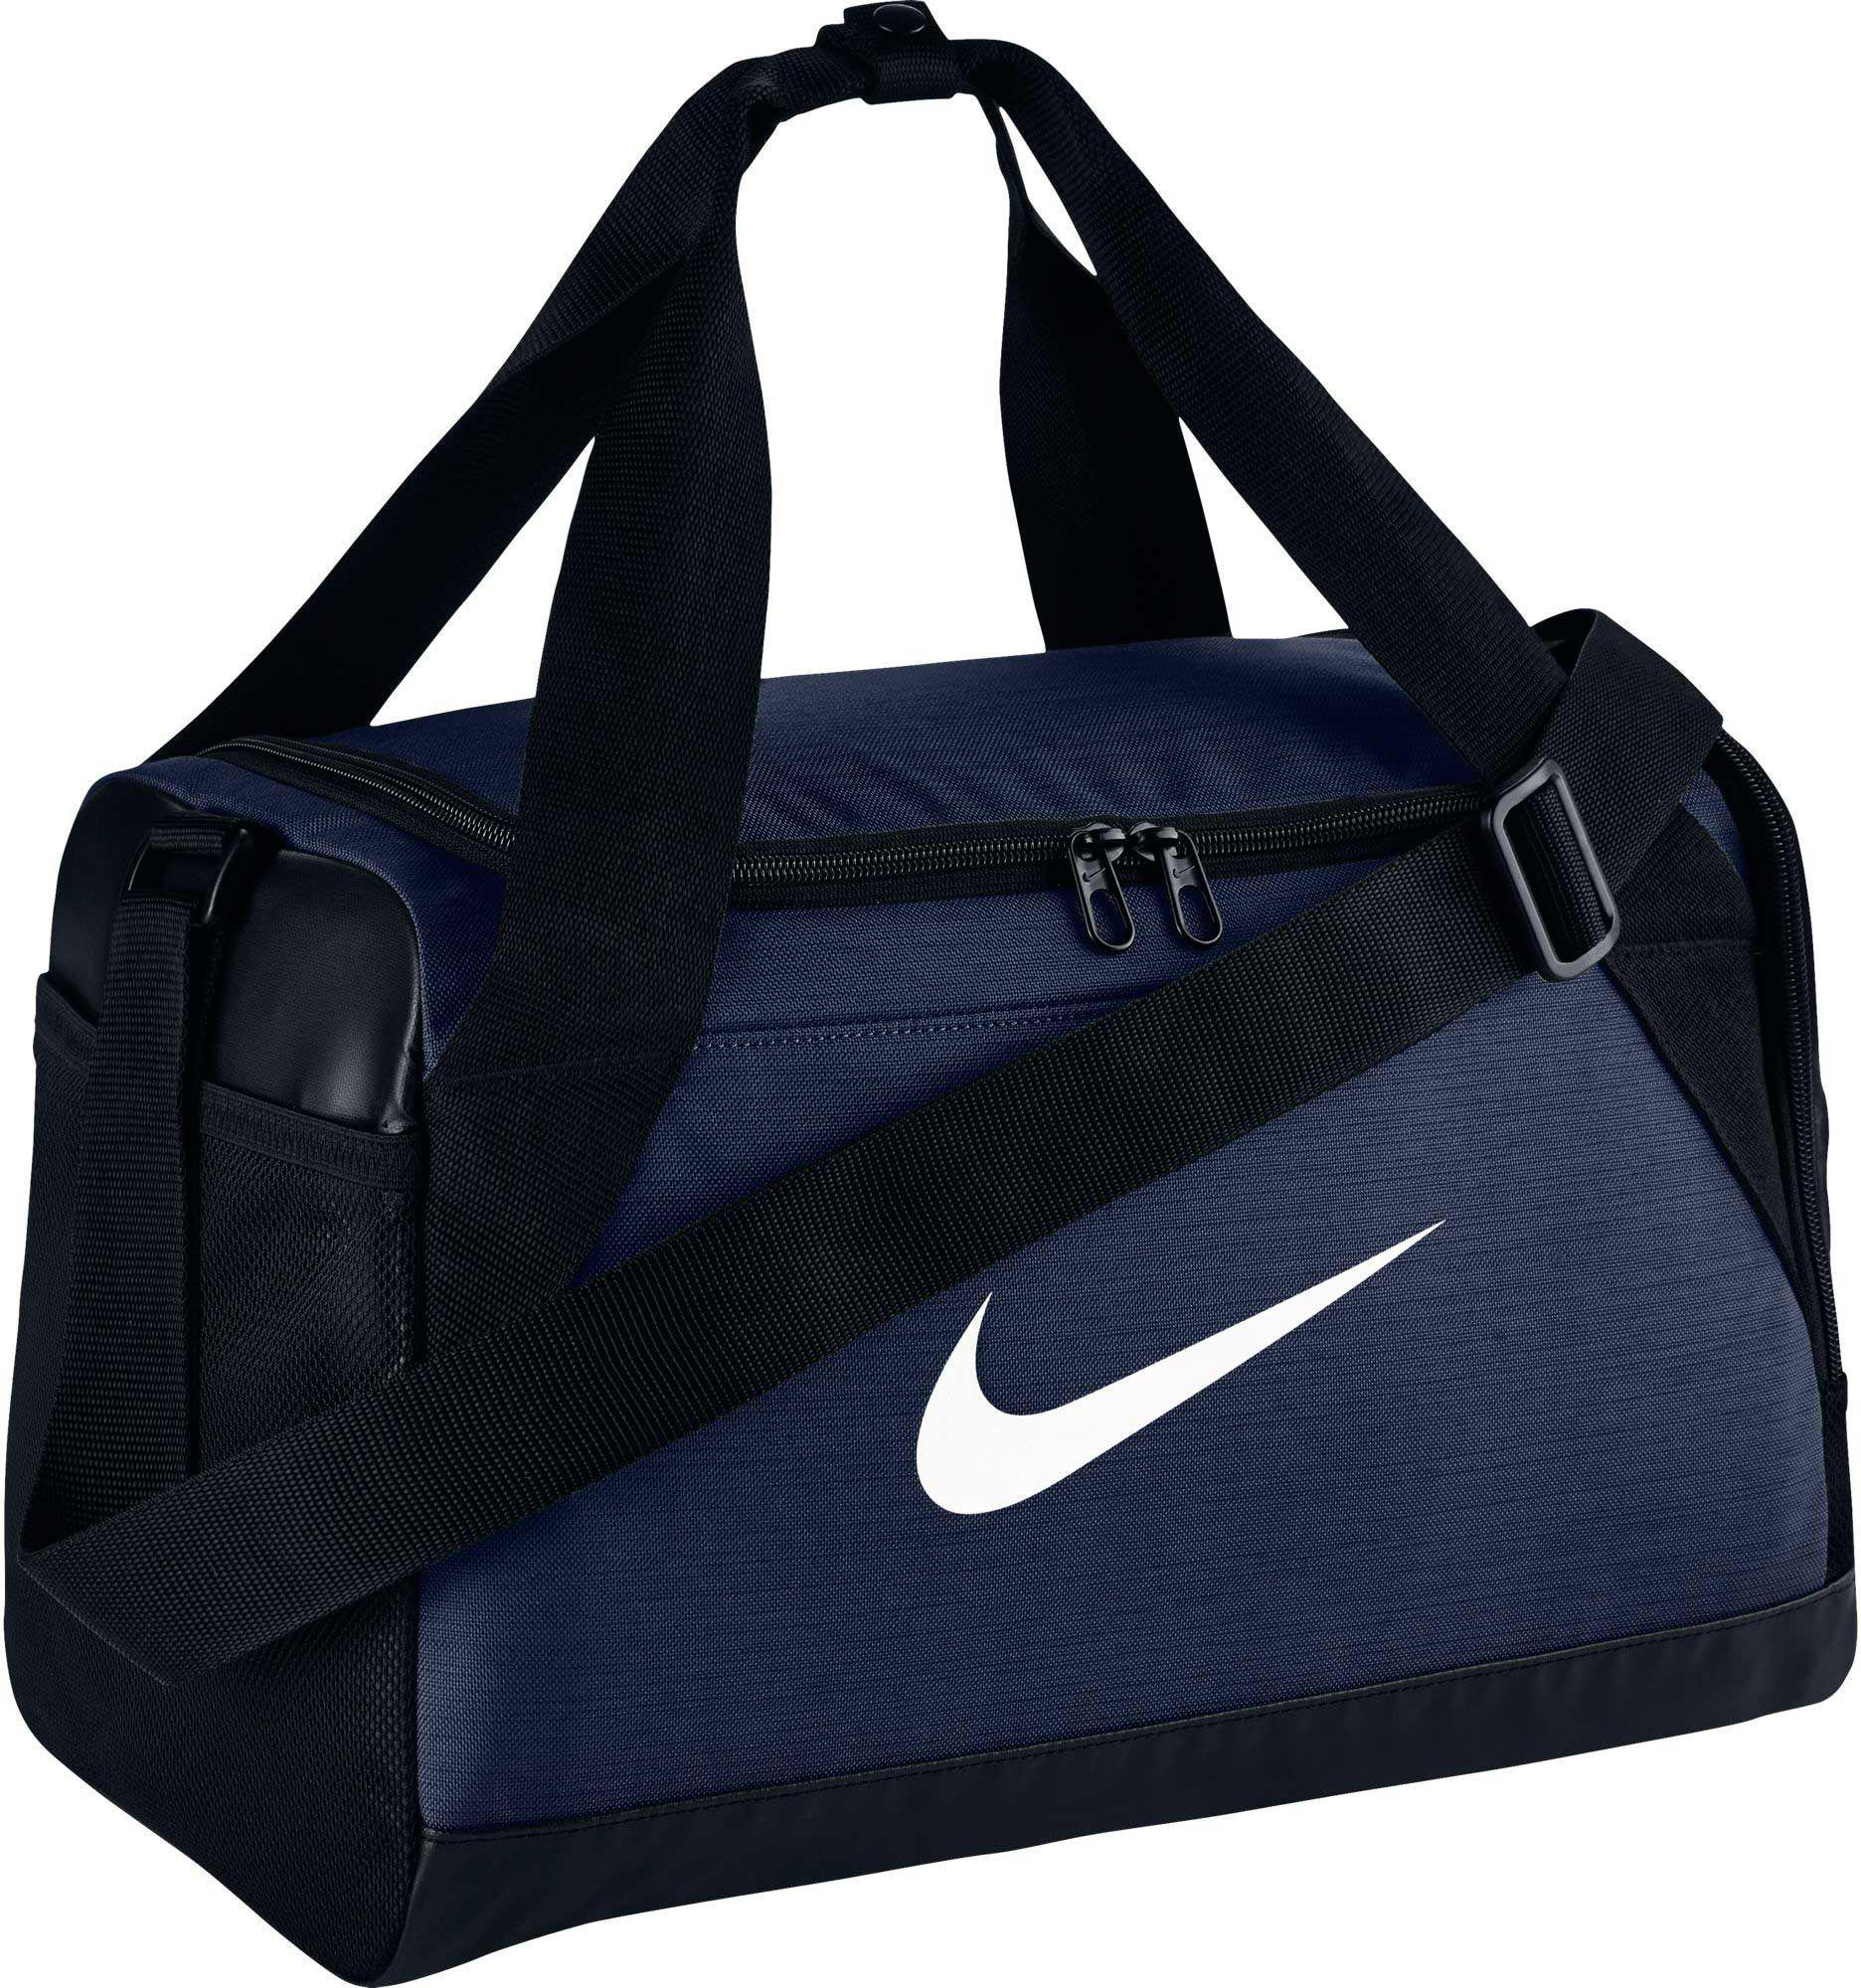 c9e4e1e9bc55 Lyst - Nike Rasilia 8 X-small Duffle Bag in Blue for Men